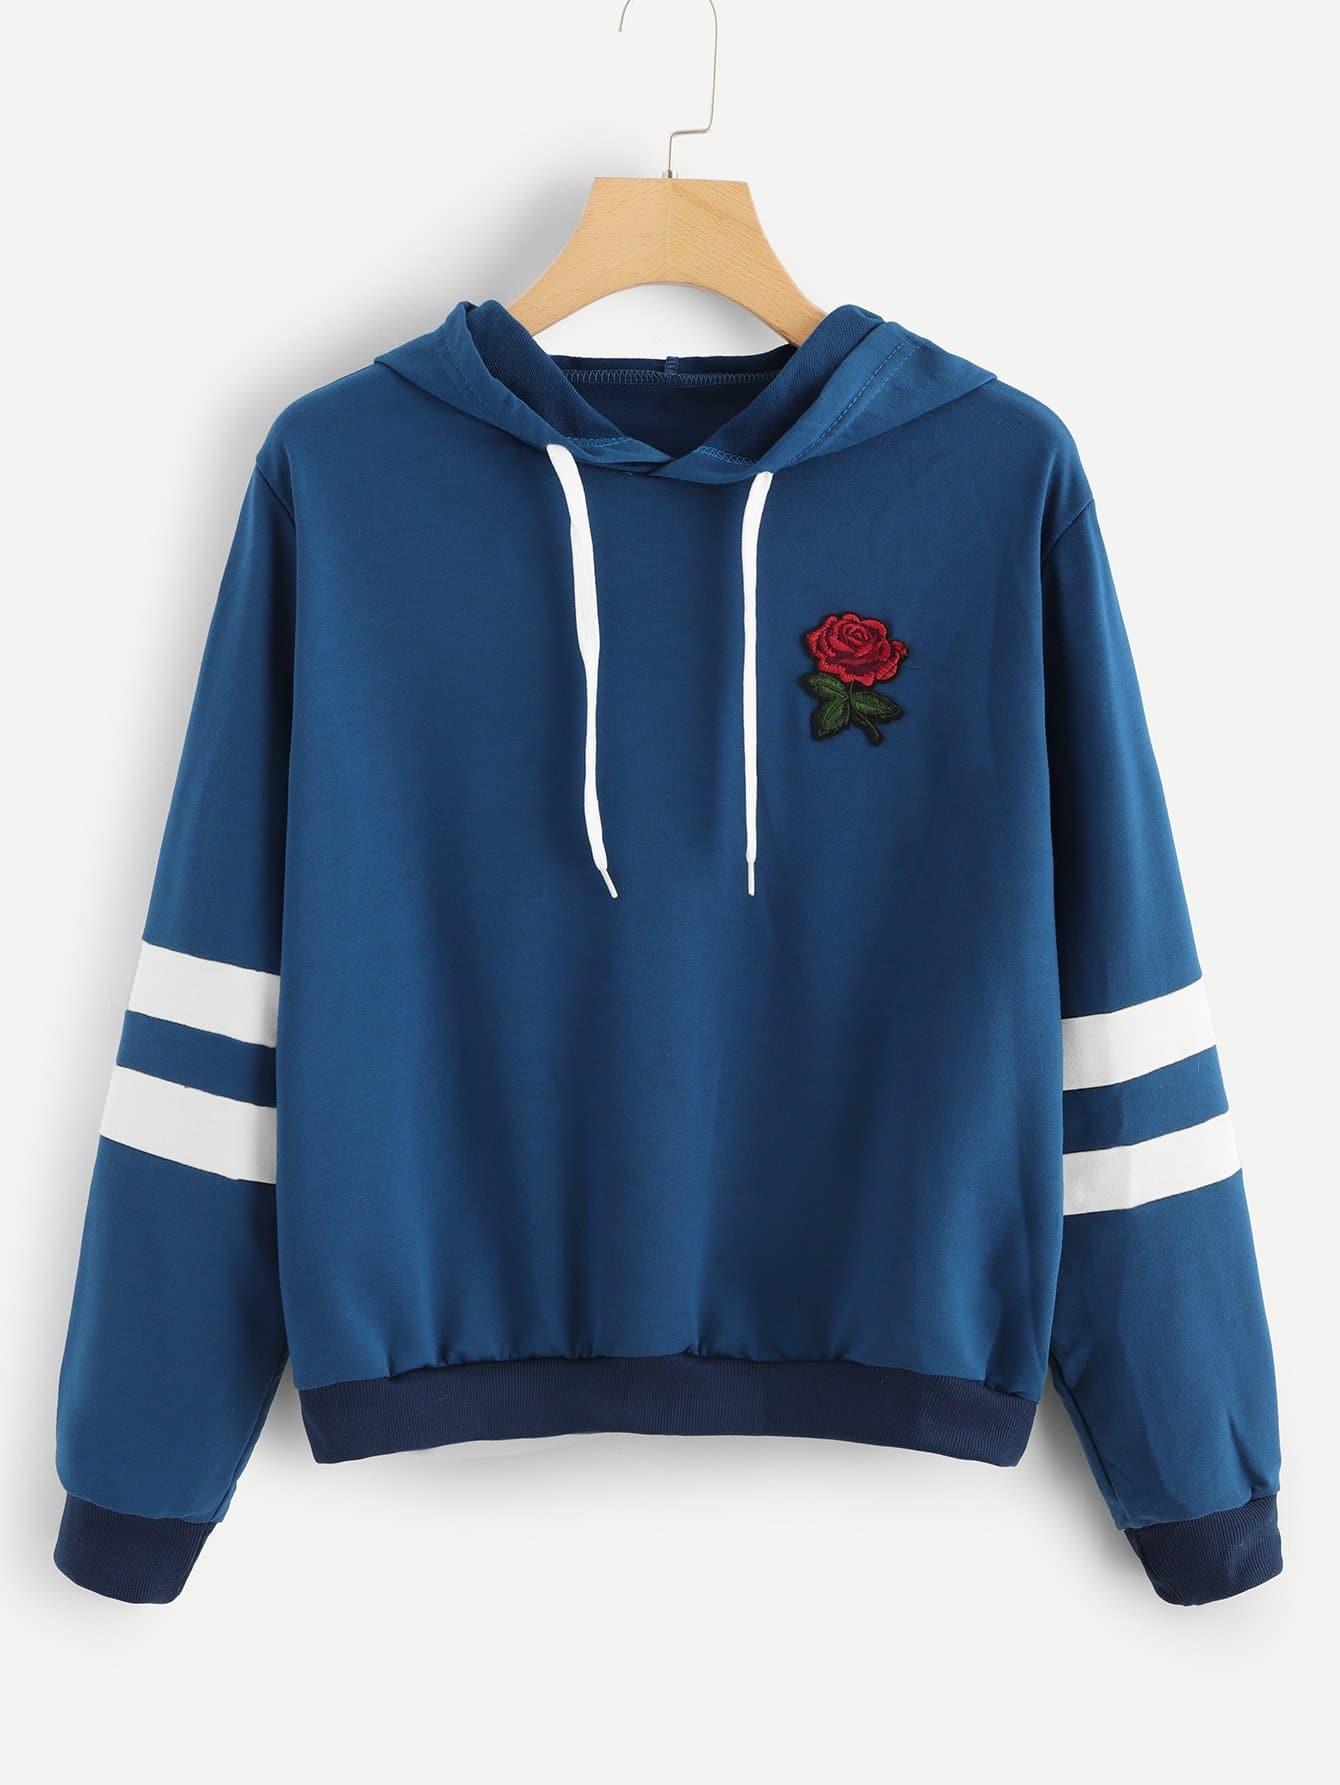 Sweatshirt mit Rose Flicken, Streifen auf den Ärmeln und Kordelzug